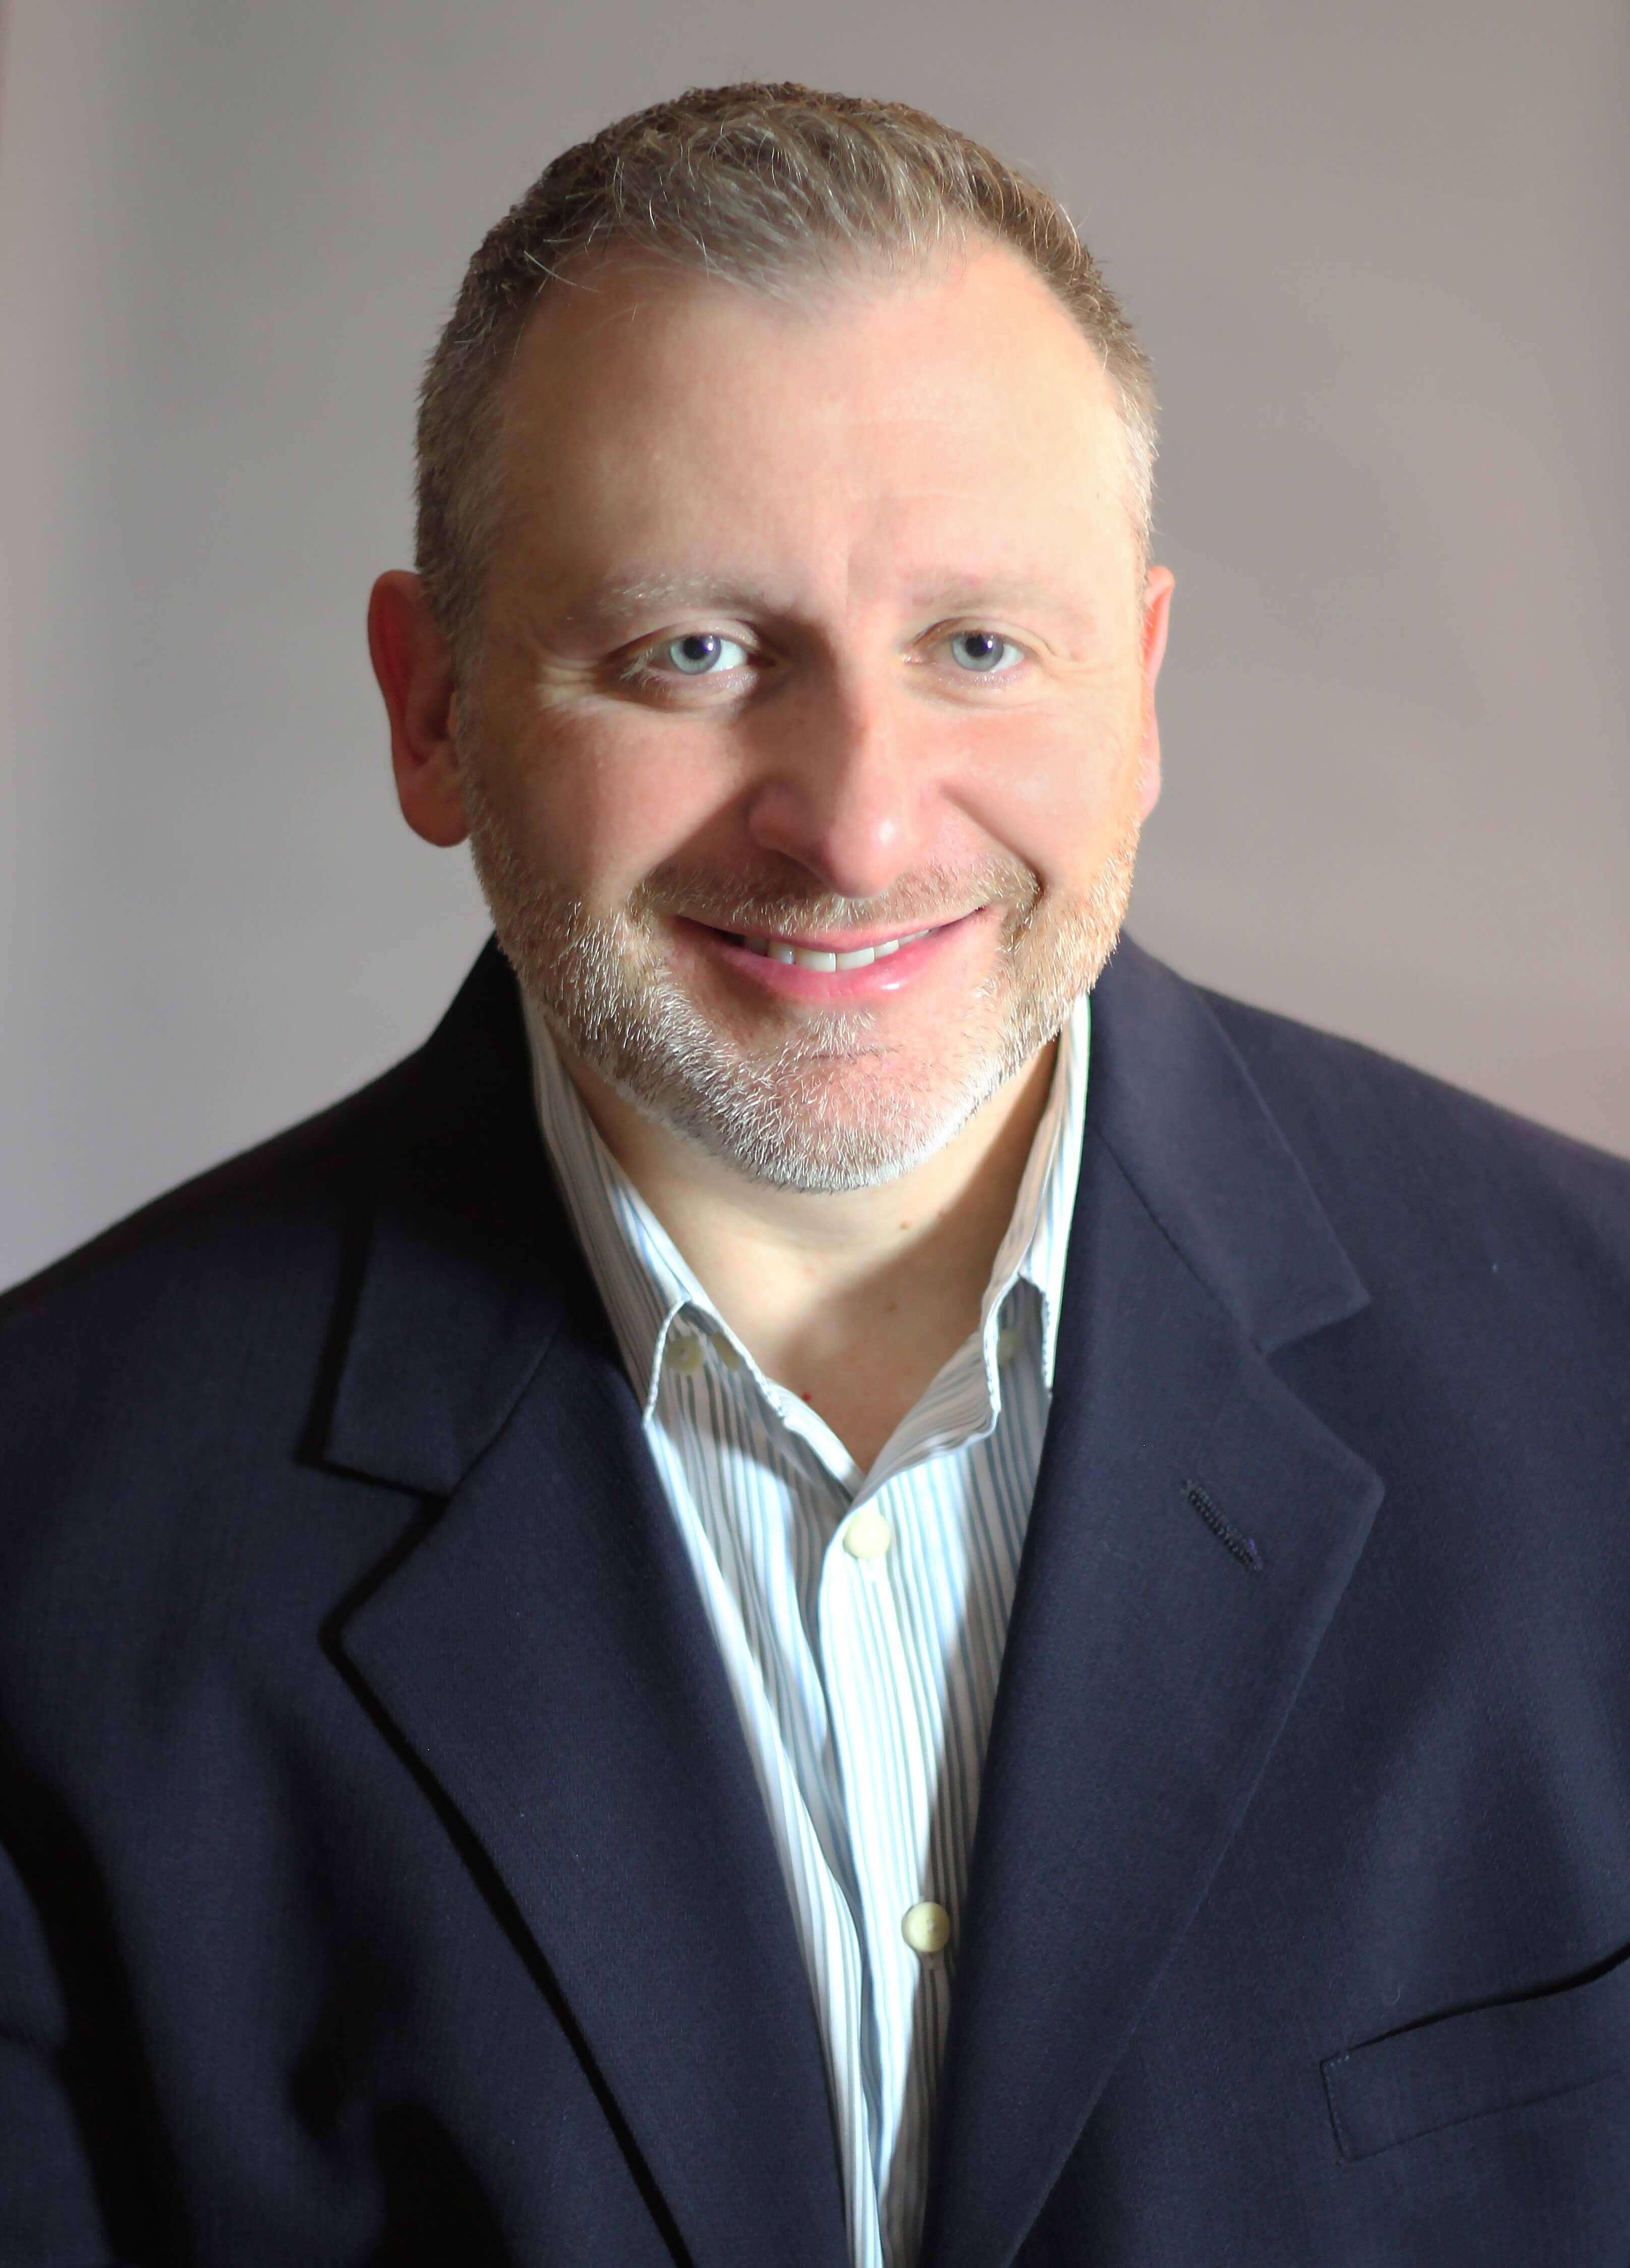 Rob Costanza